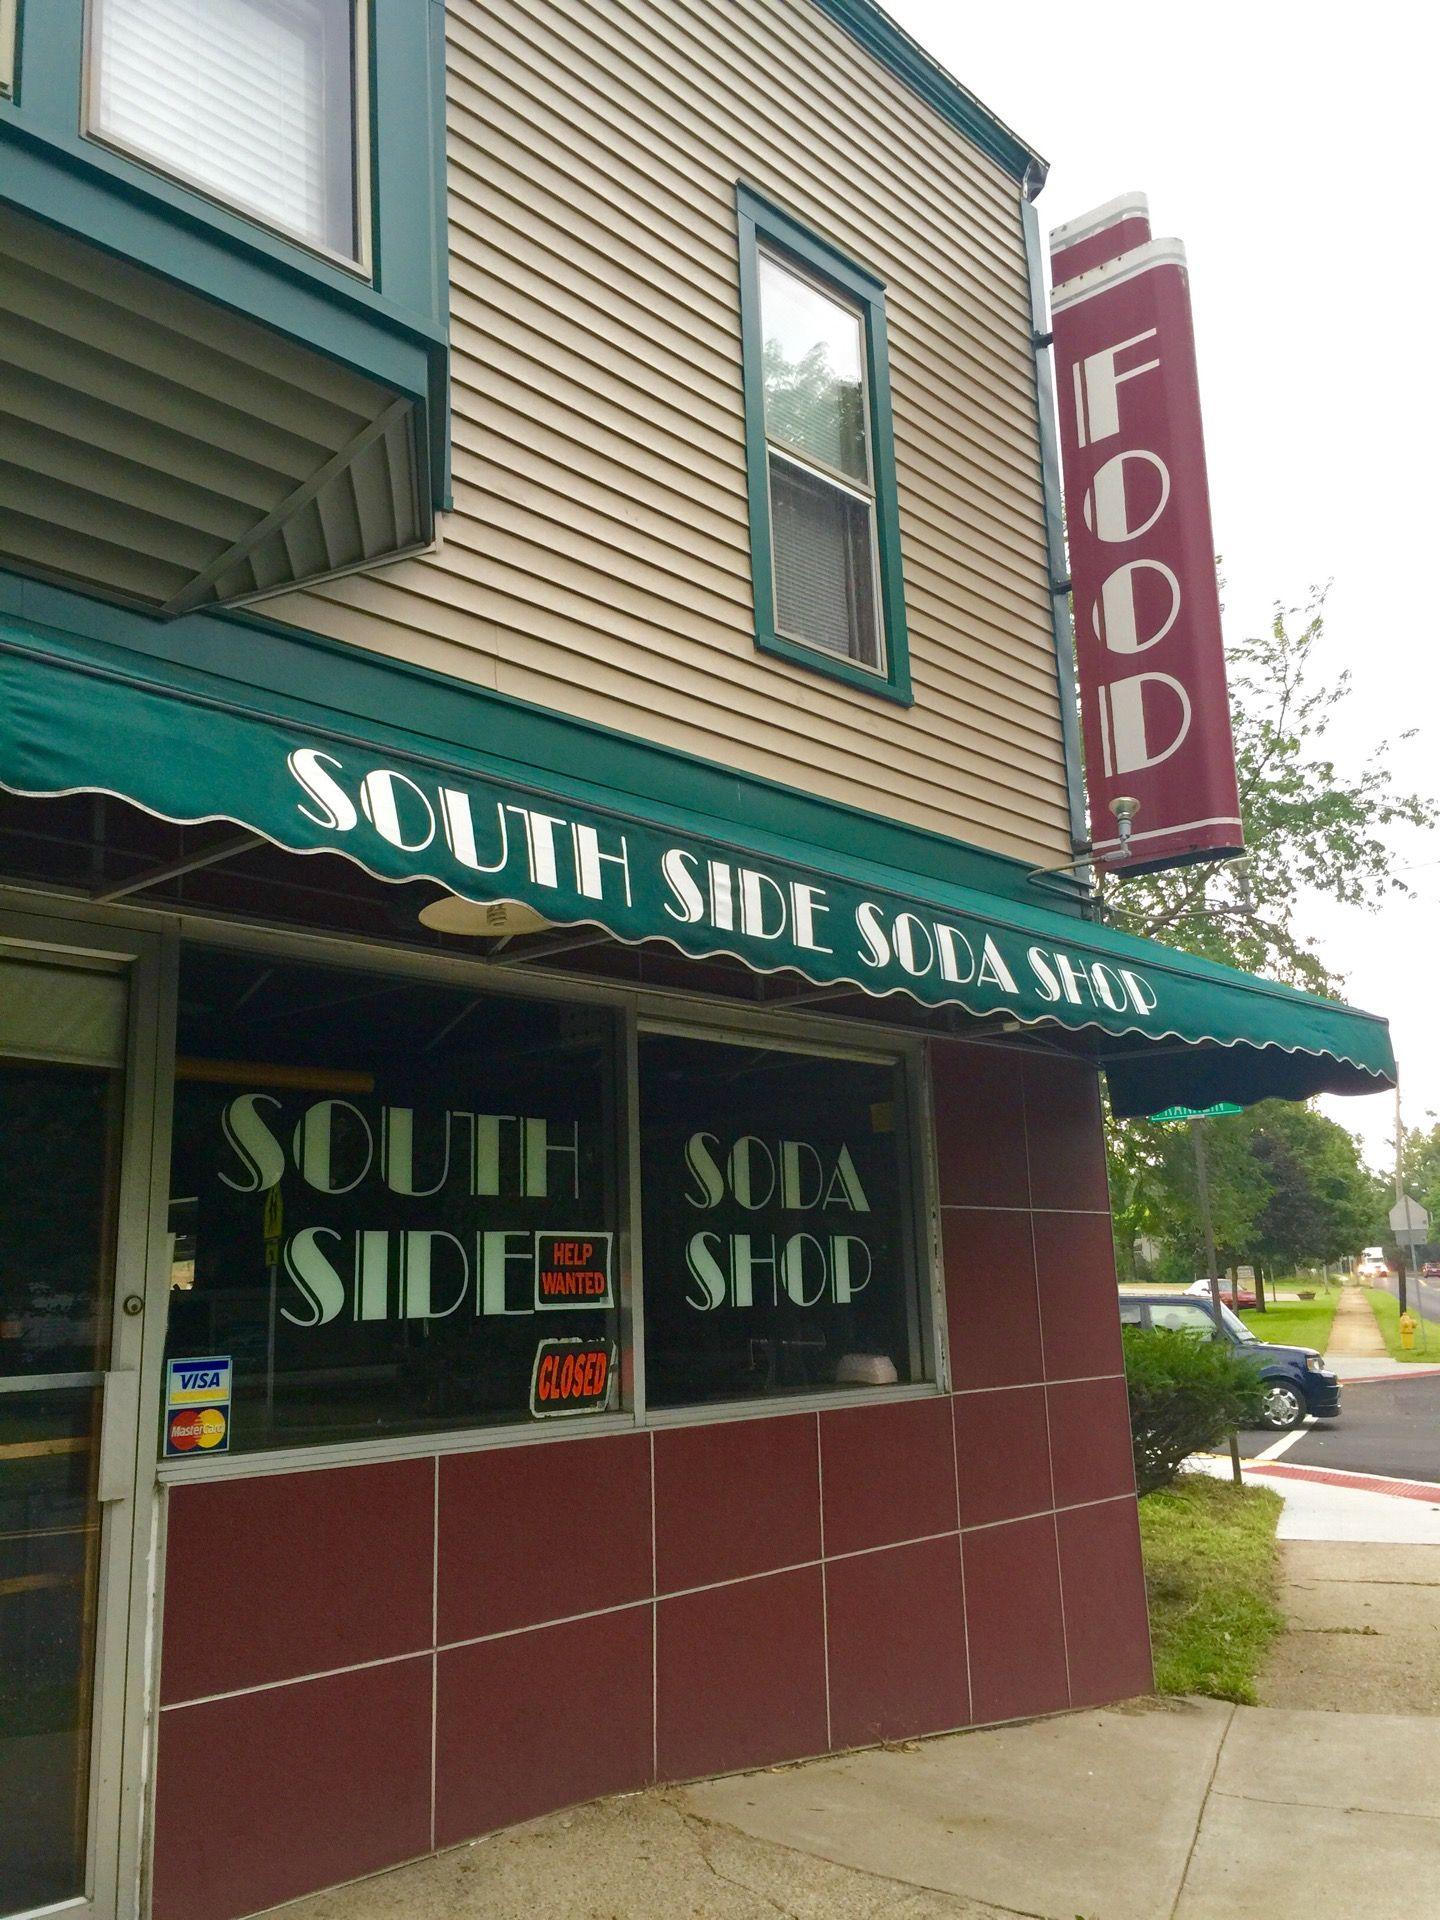 South Side Soda Shop Farmhouse restaurant, American